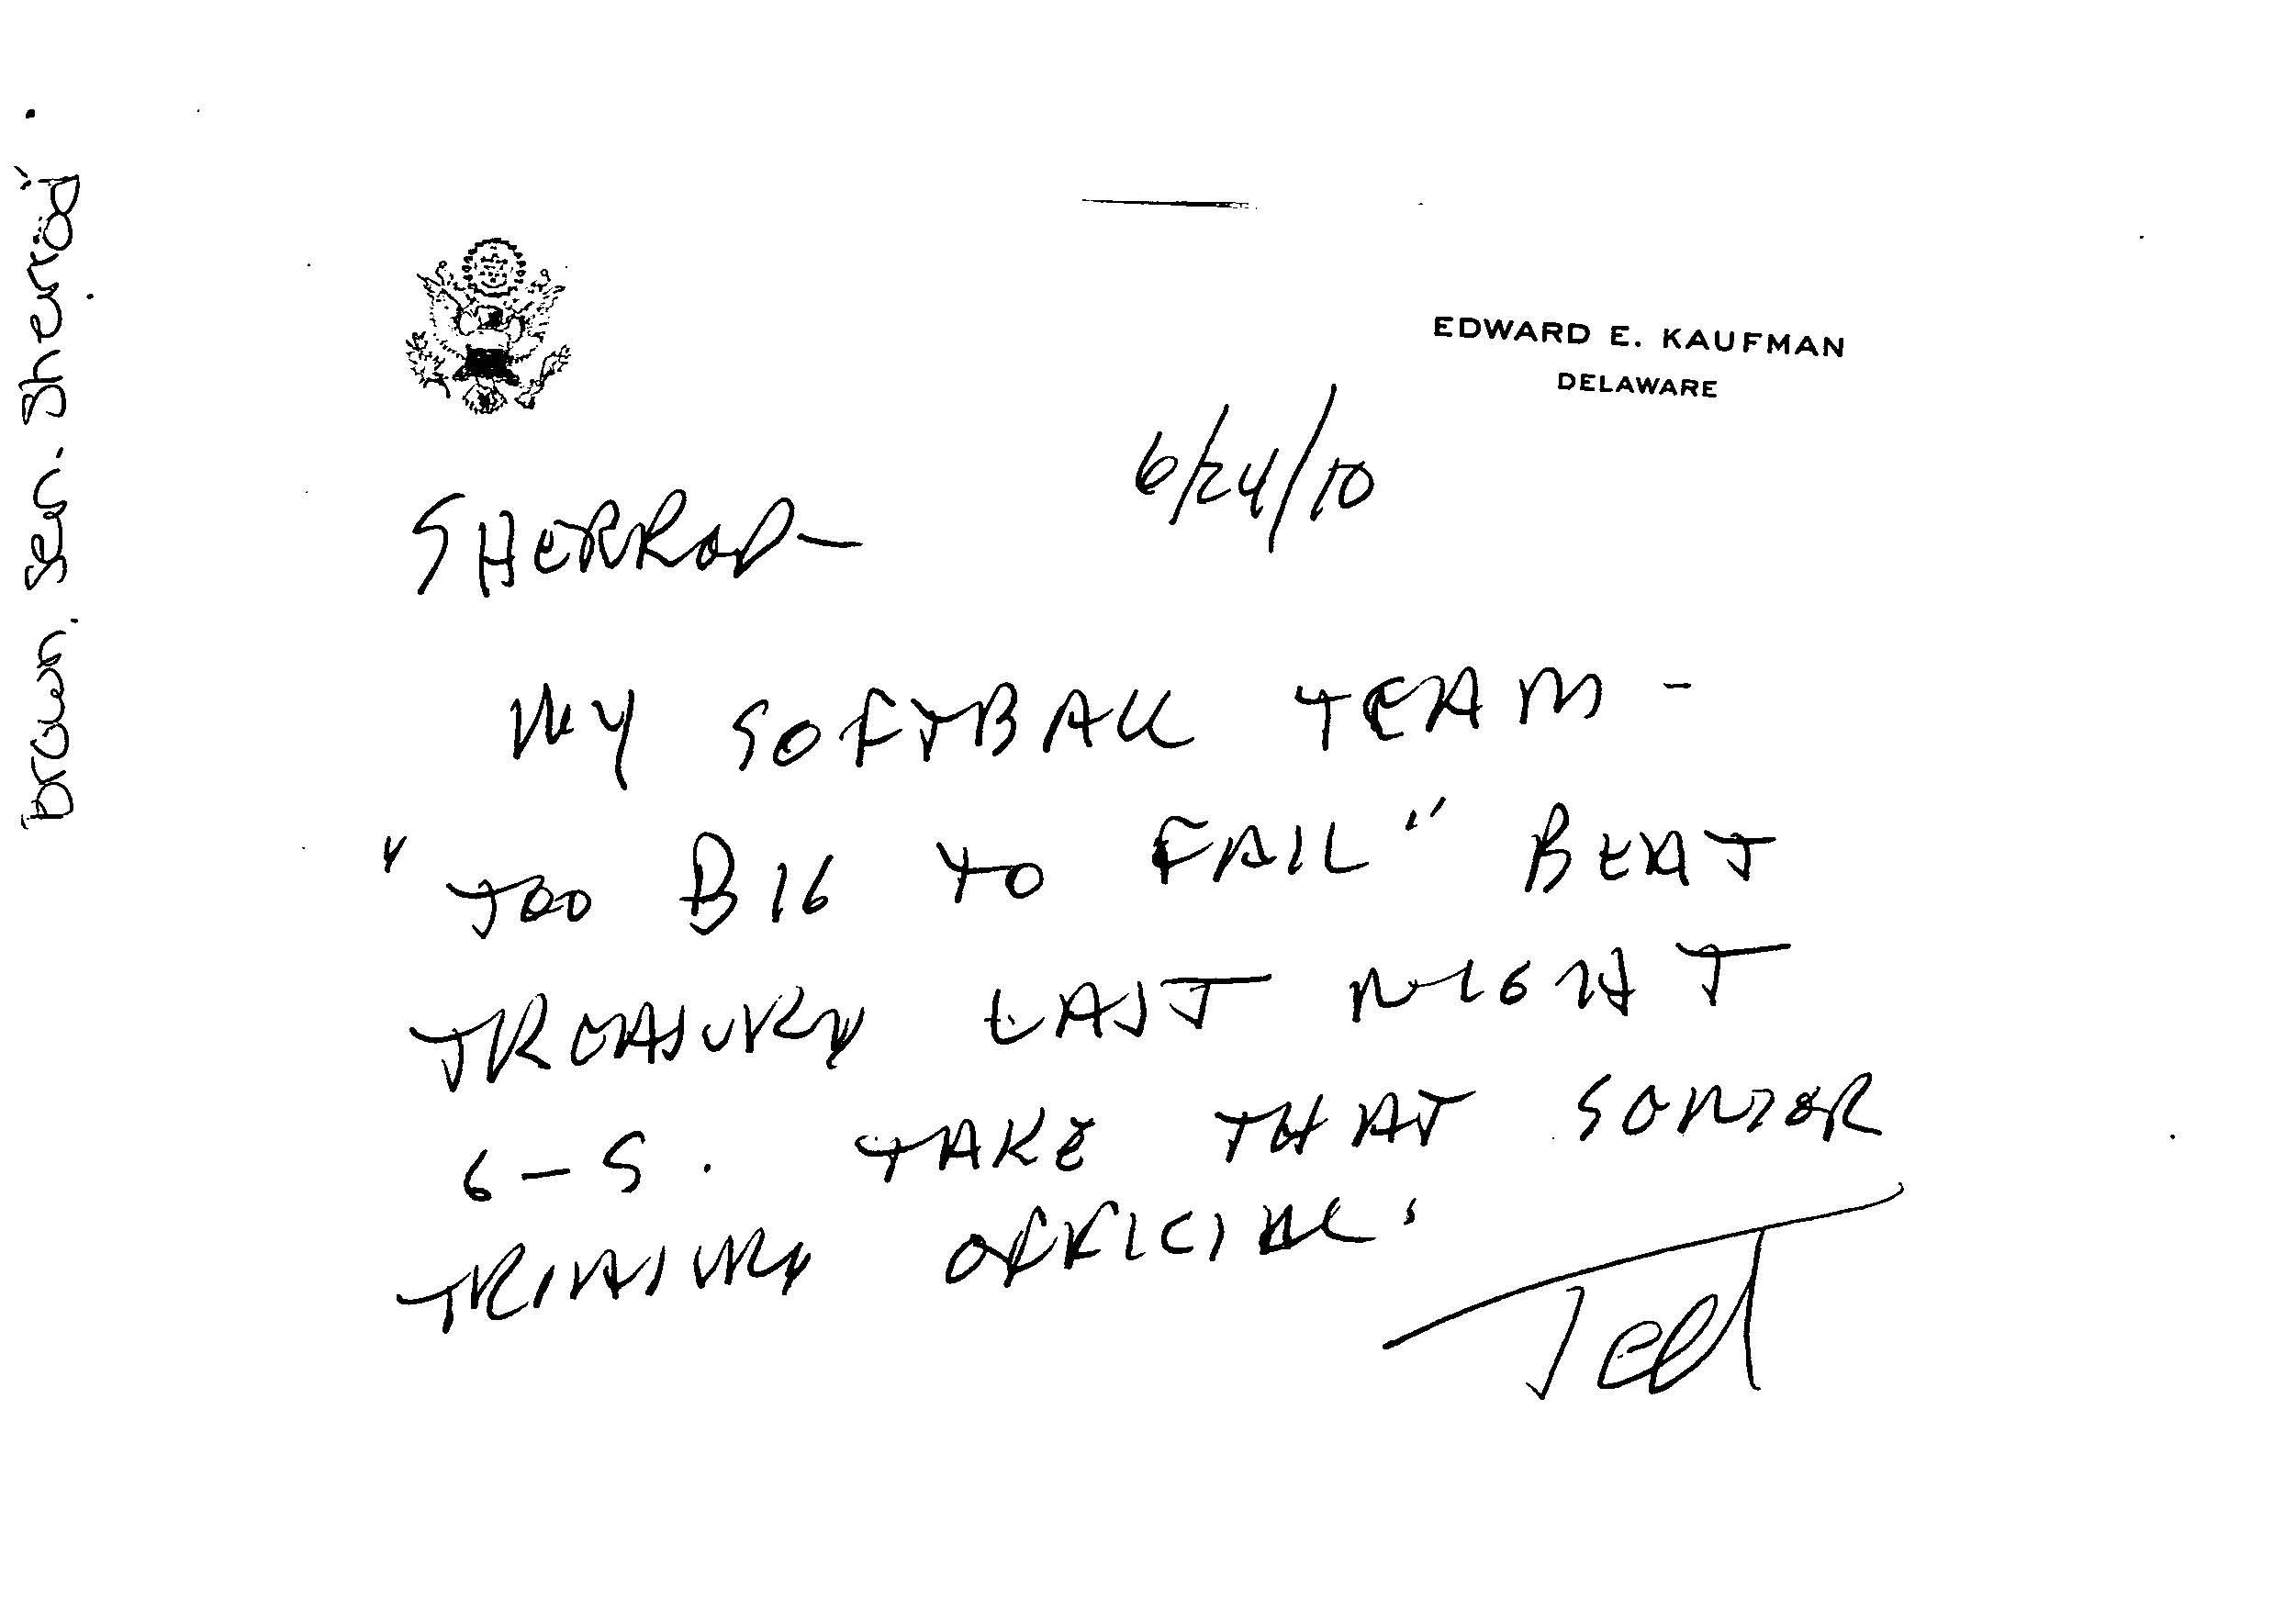 Letter to Senator Sherrod Brown, 2010 June 24